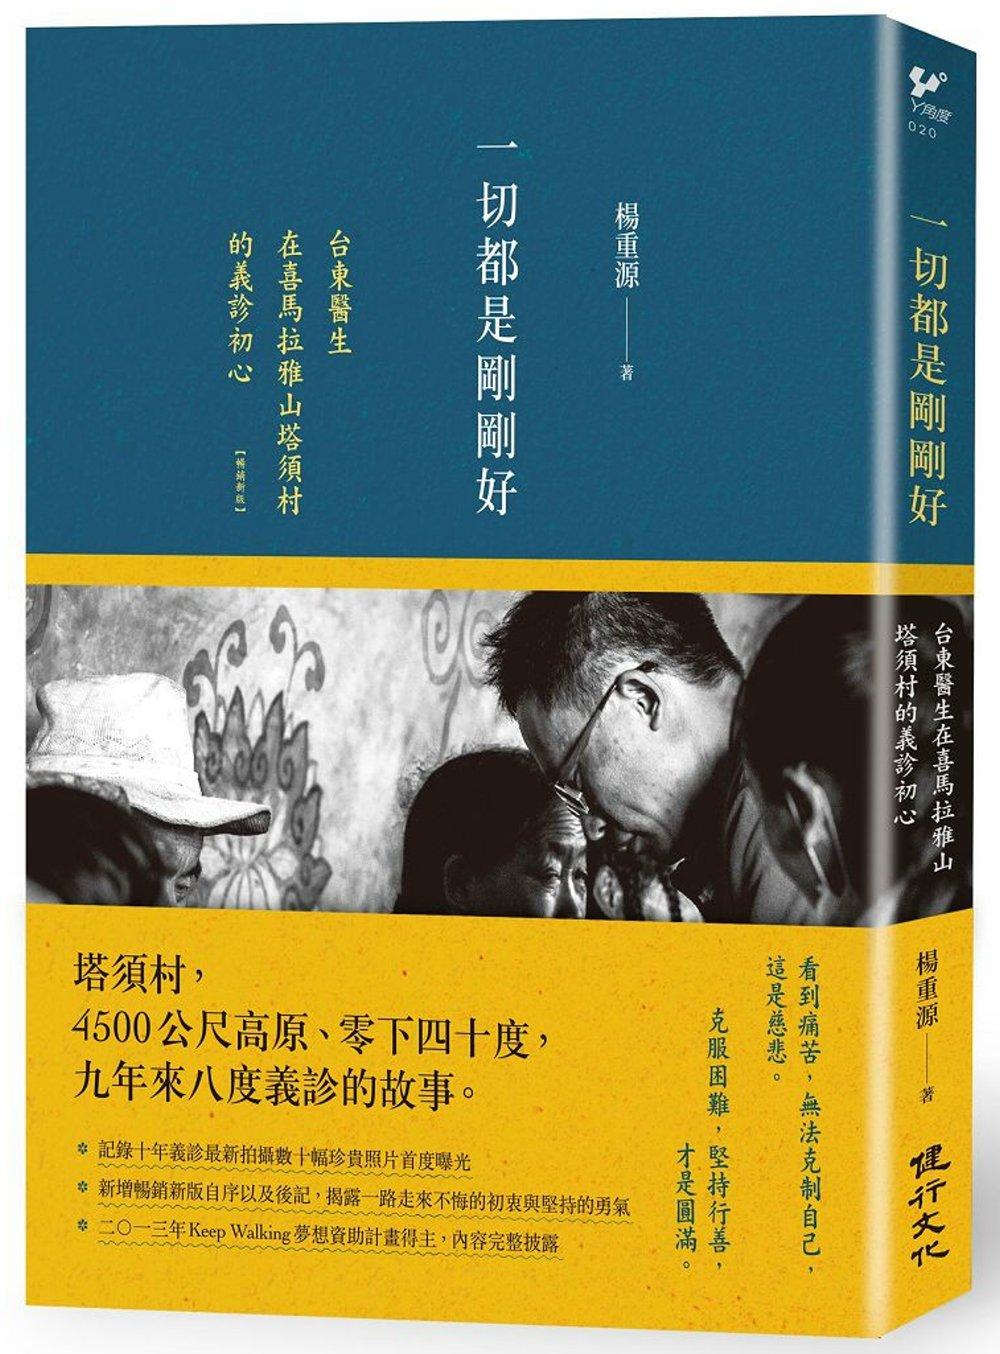 一切都是剛剛好(暢銷新版):台東醫生在喜馬拉雅山塔須村的義診初心